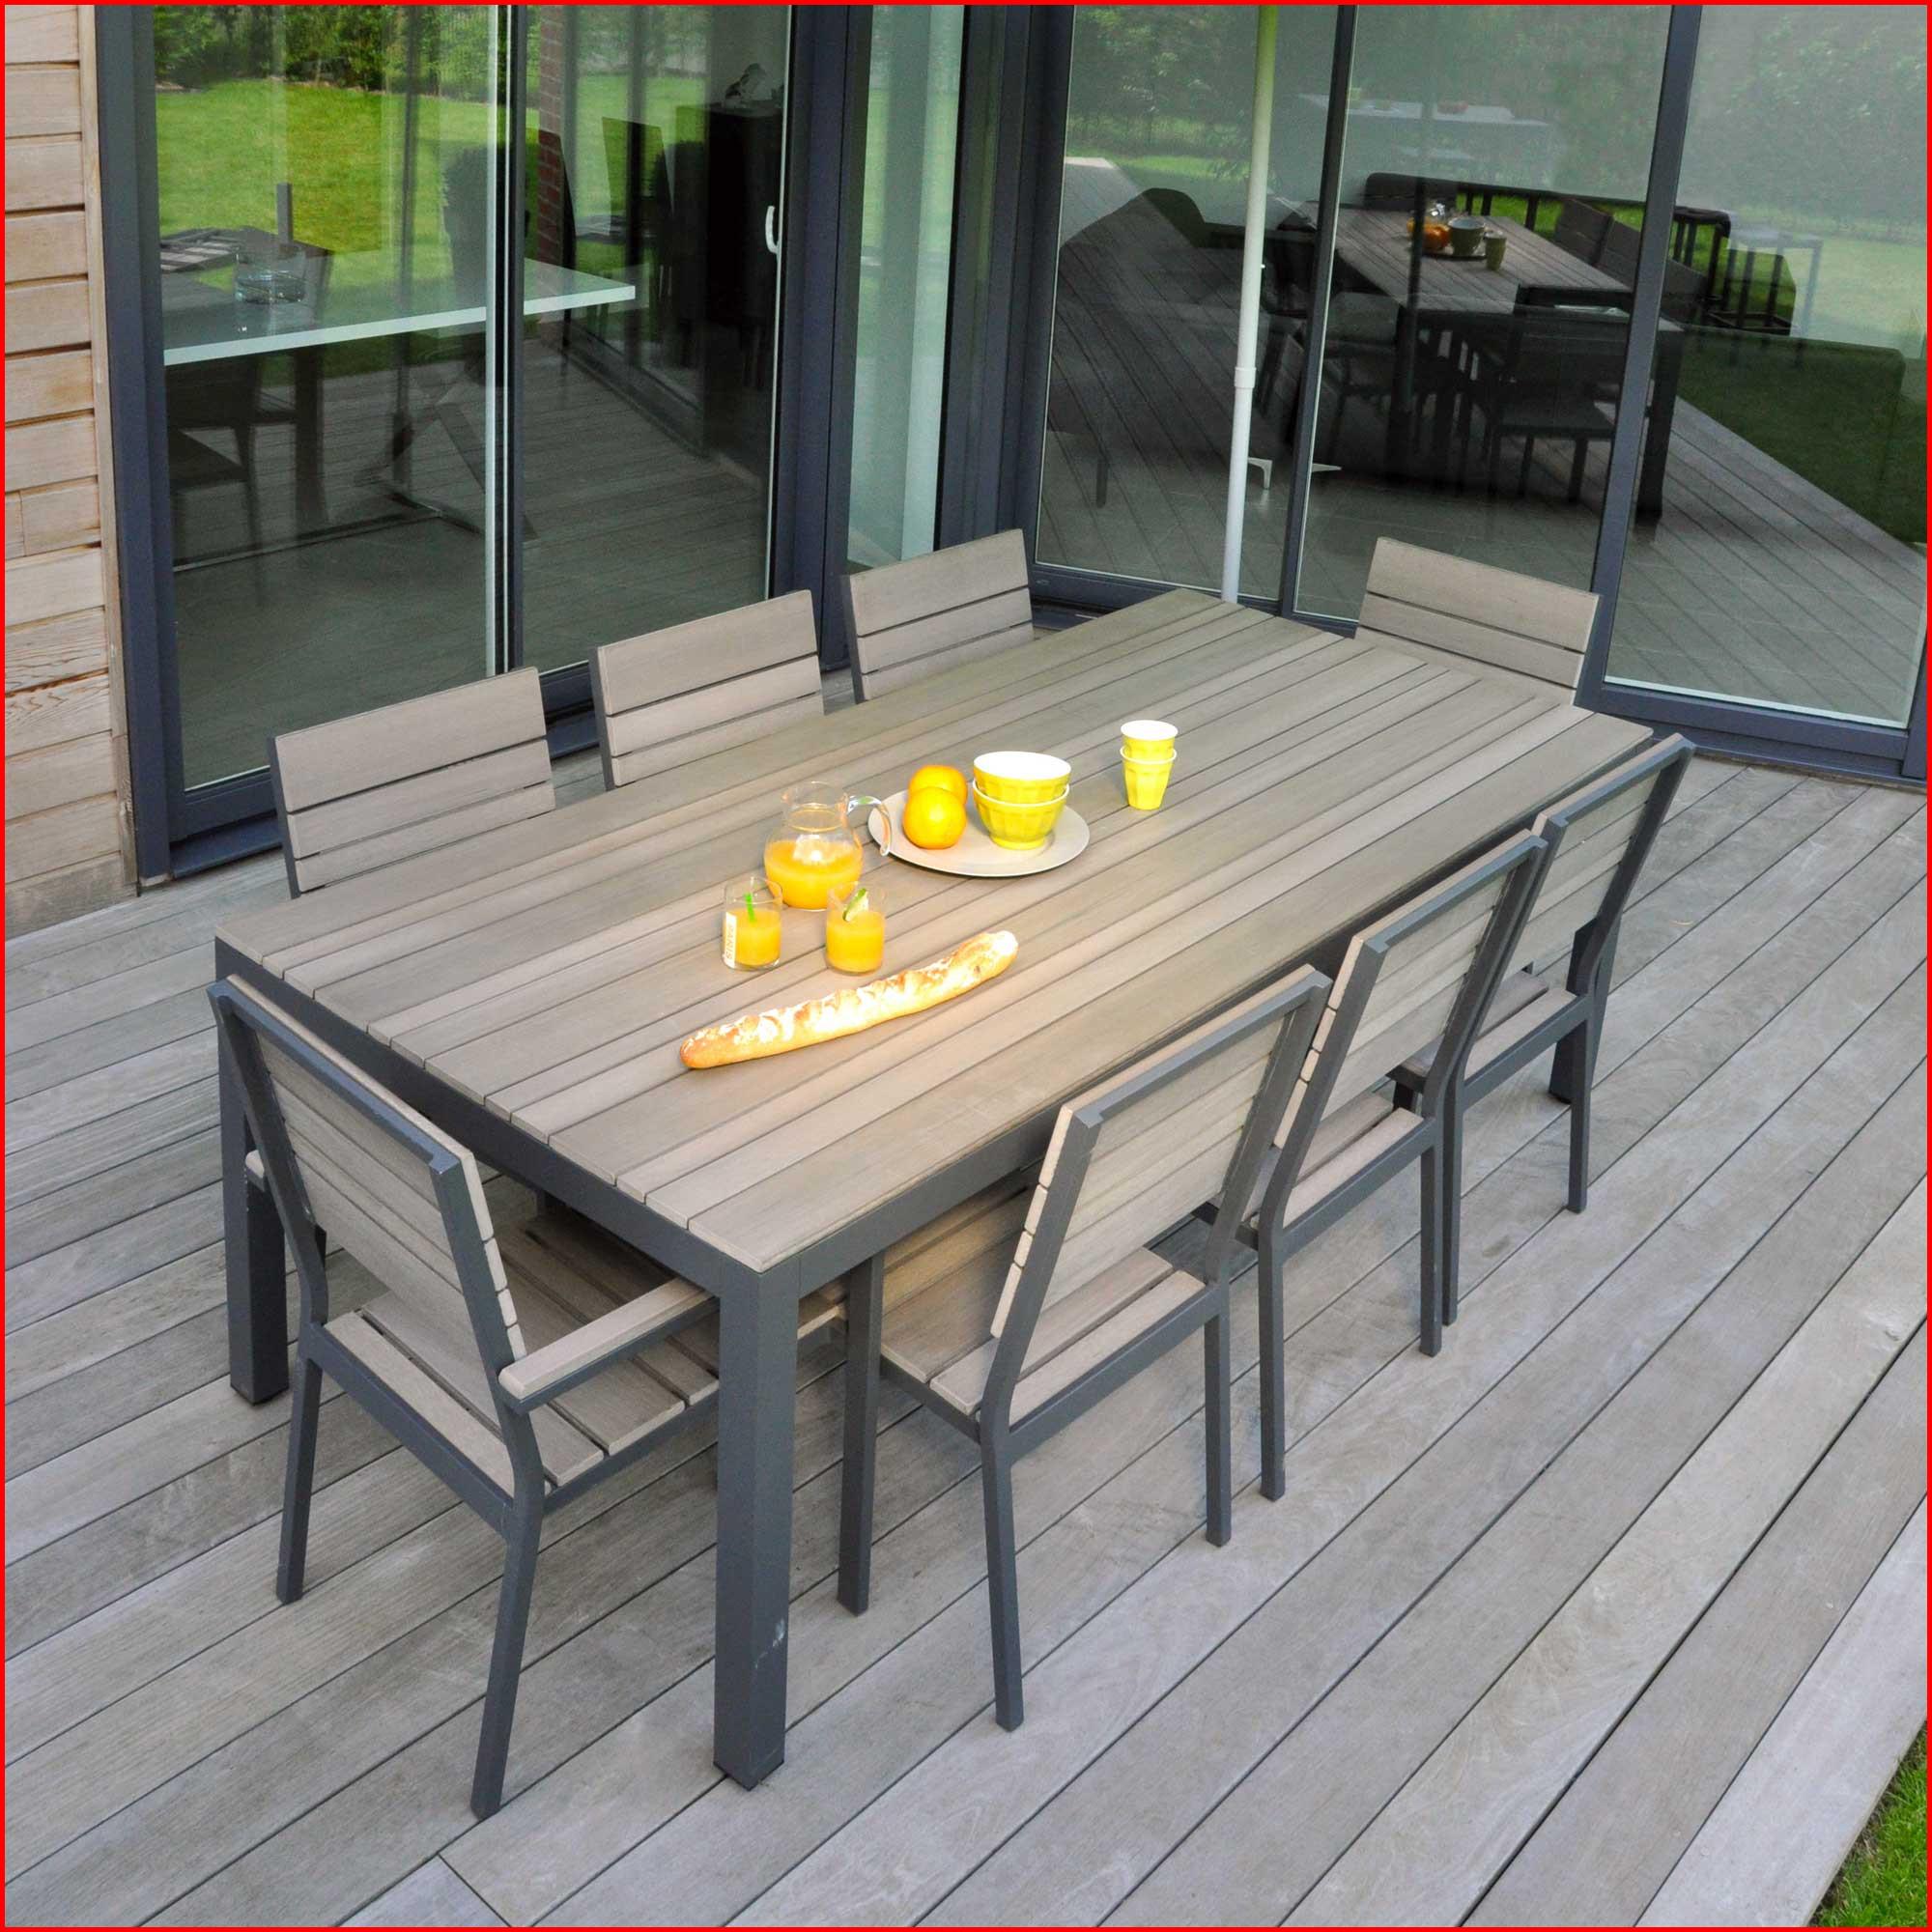 Haut Table Jardin Auchan Pour De Nouveau Meilleur ... avec Table De Jardin Auchan